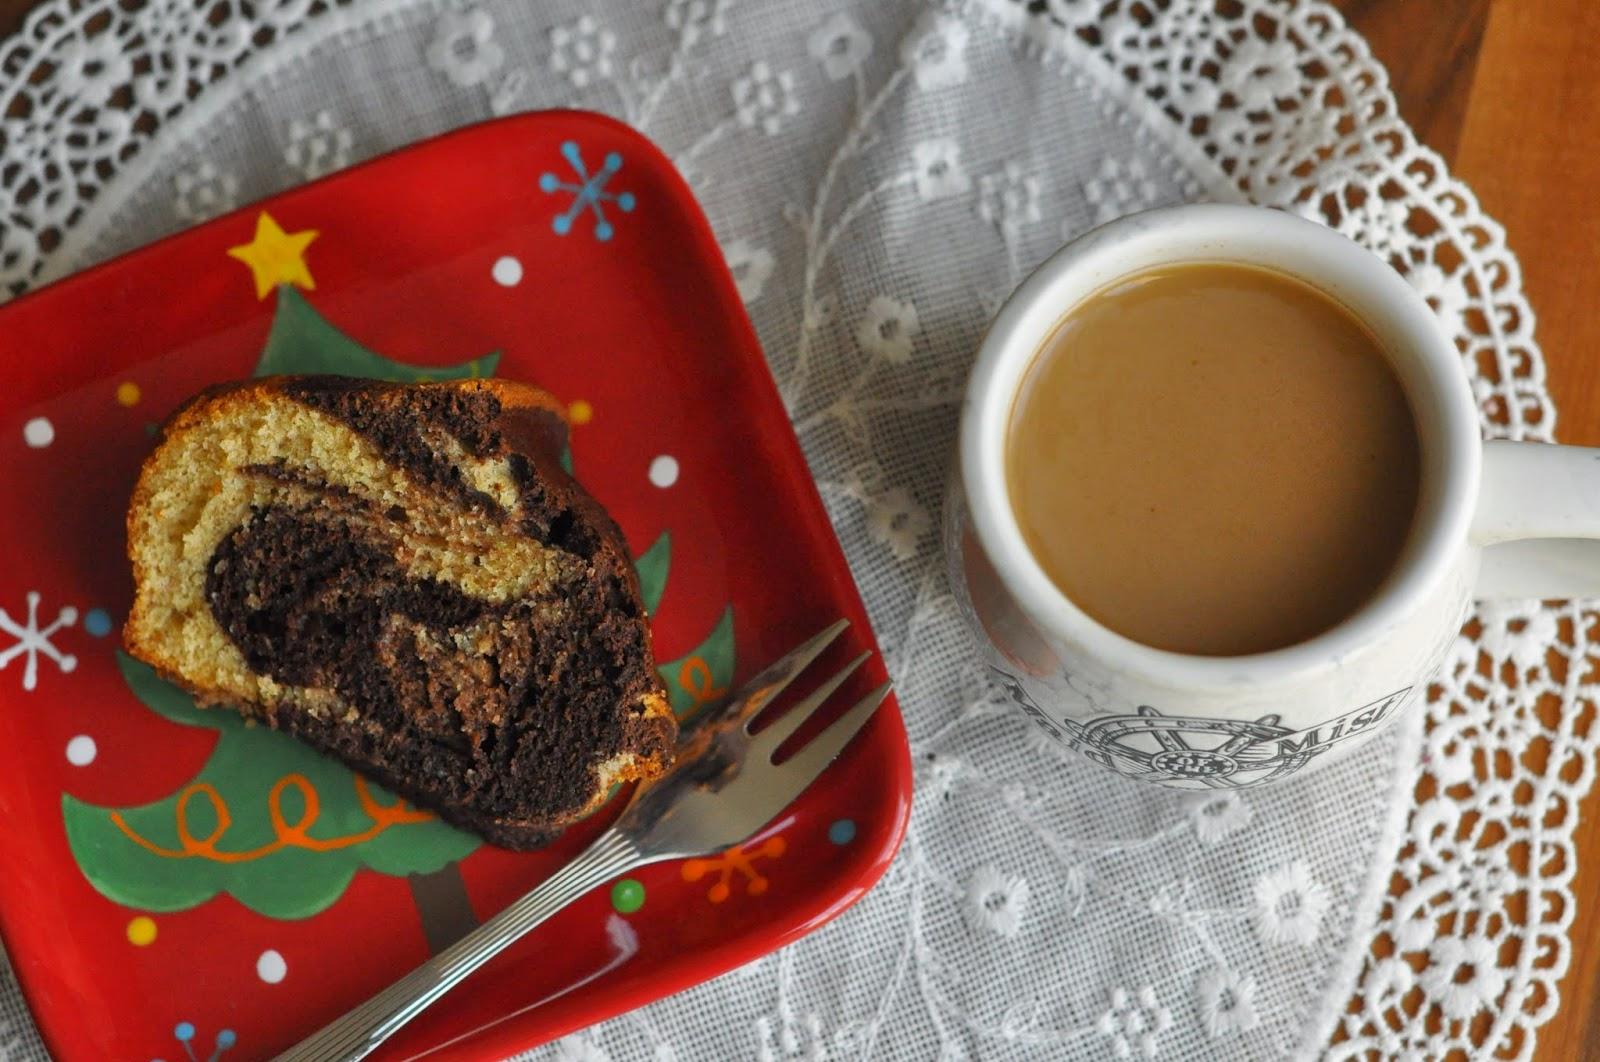 Kakaolu vanilyali kek - kek tarifi - kahve - chocolate vanilla cake